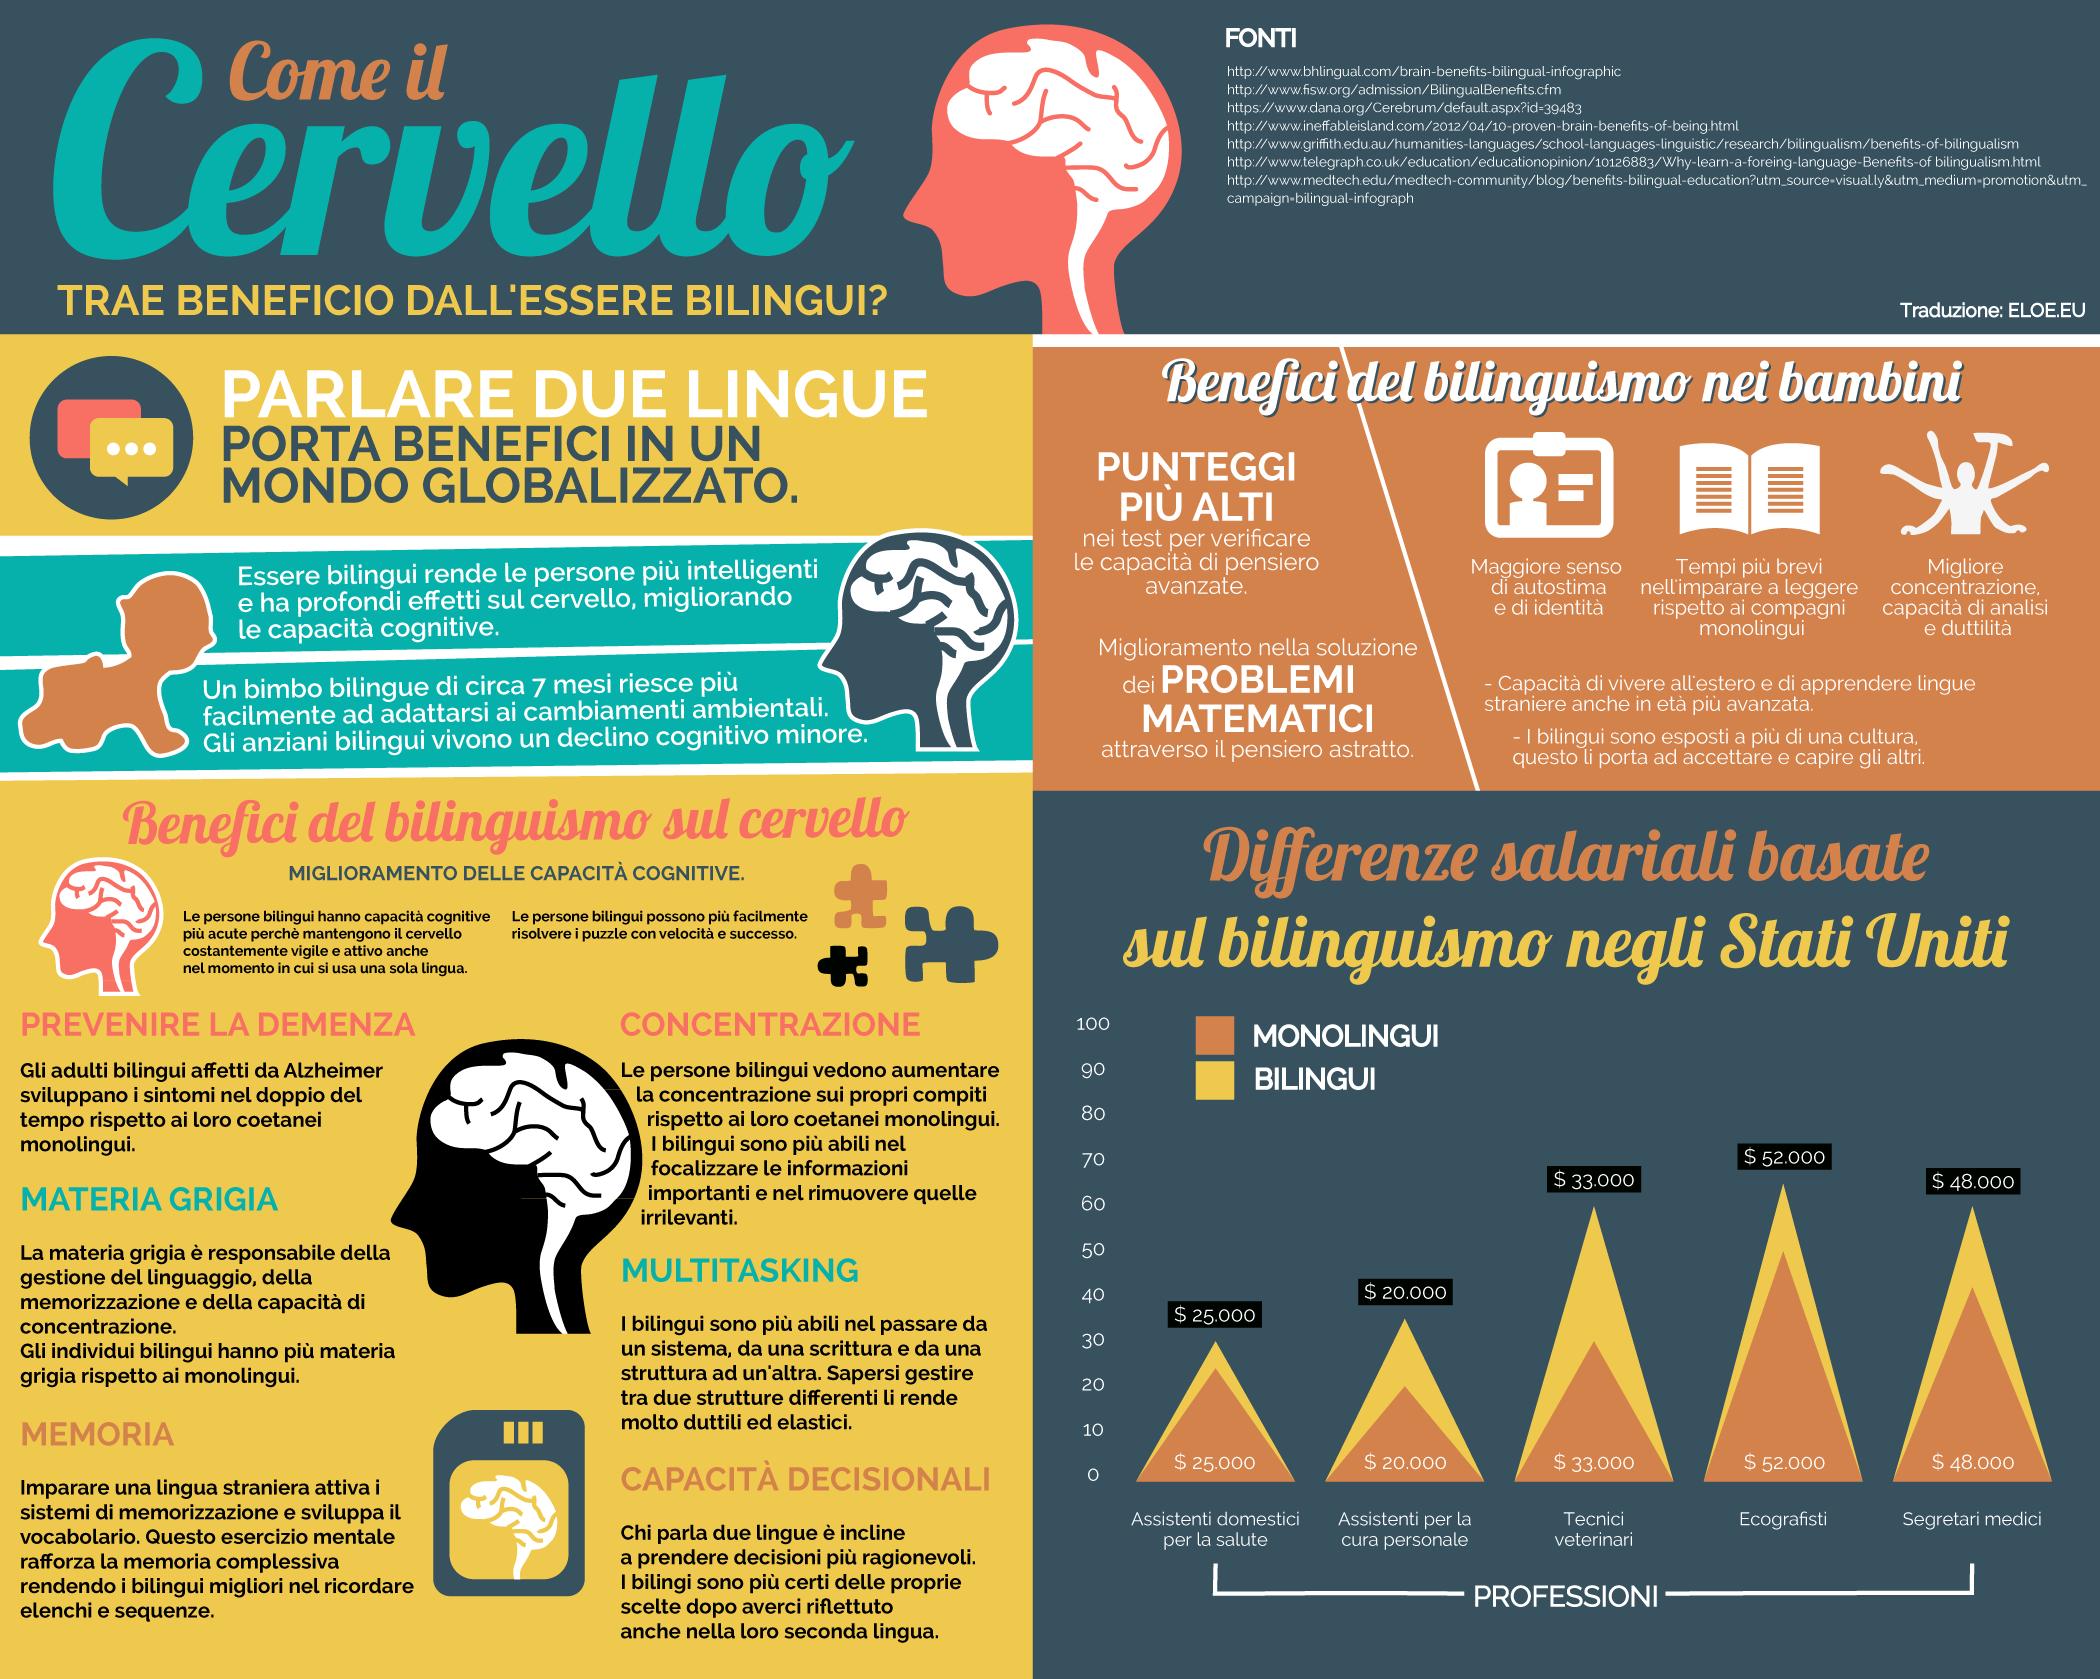 Infografica bilinguismo: il cervello trae tanti benefici dall'essere bilingue